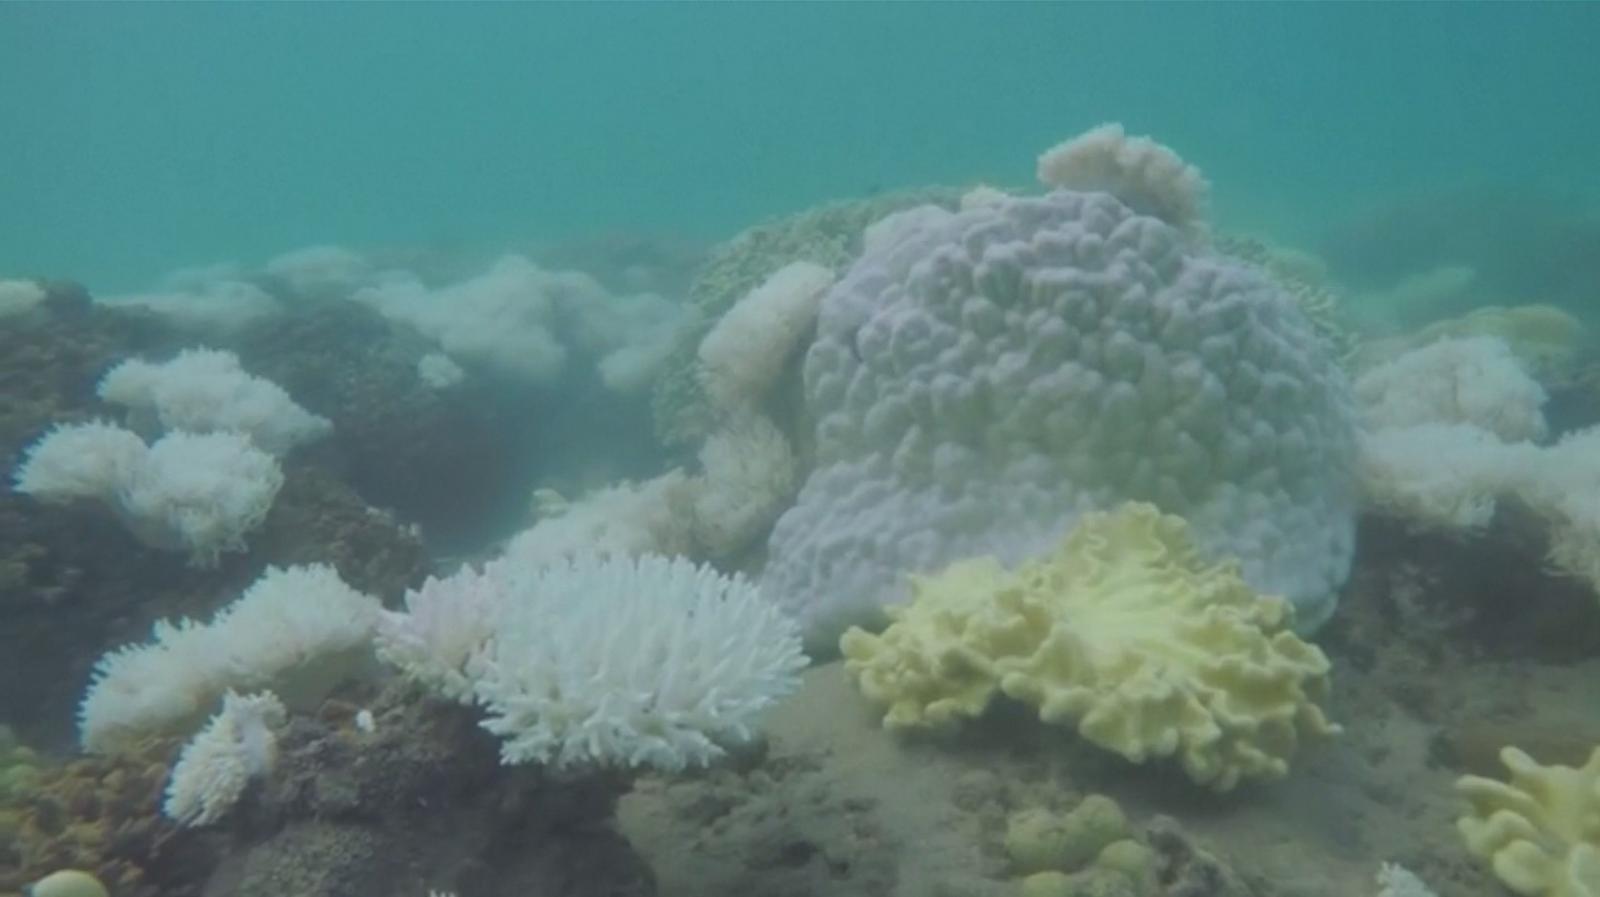 นักวิจัยเผยปะการังฟอกขาวเพิ่มขึ้นเกือบ 5 เท่า จากปี 1980